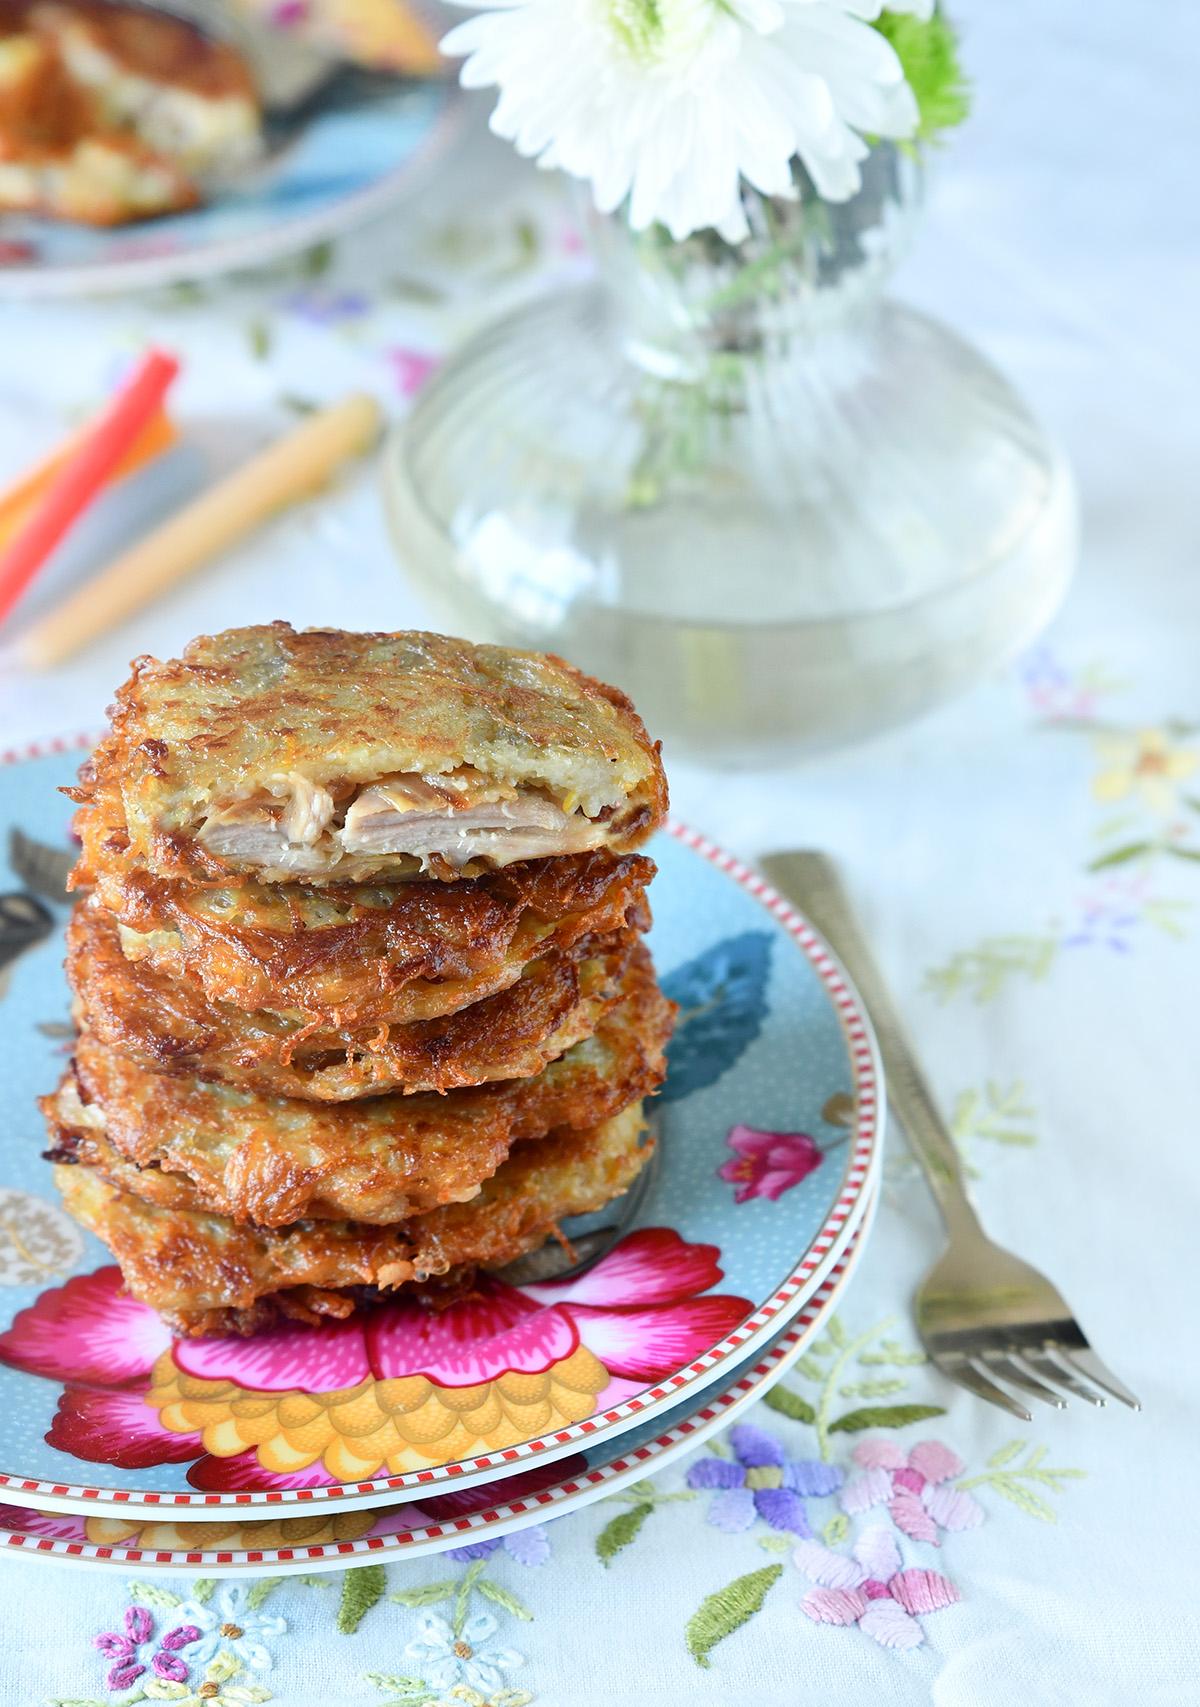 לביבות תפוחי אדמה במילוי עוף ובצל מטוגן